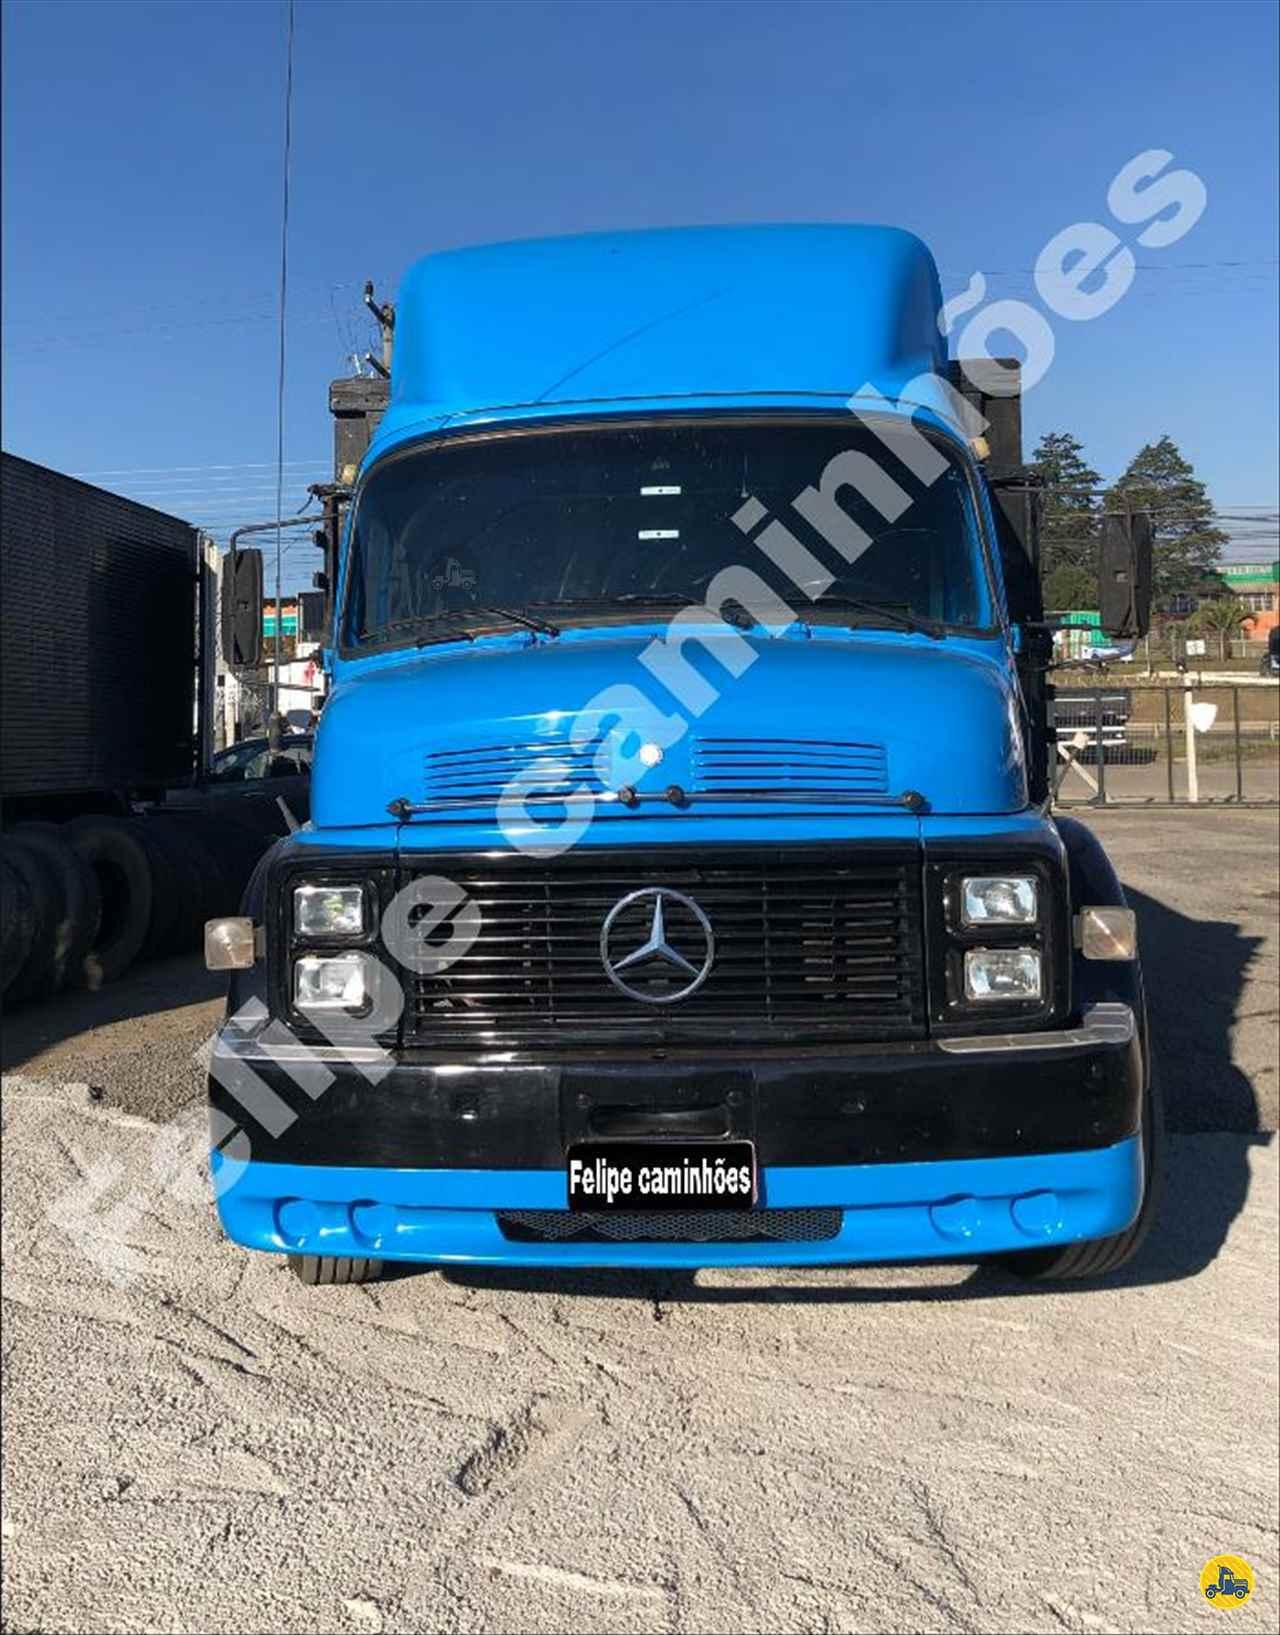 CAMINHAO MERCEDES-BENZ MB 1113 Graneleiro Toco 4x2 Felipe Caminhões LAGES SANTA CATARINA SC